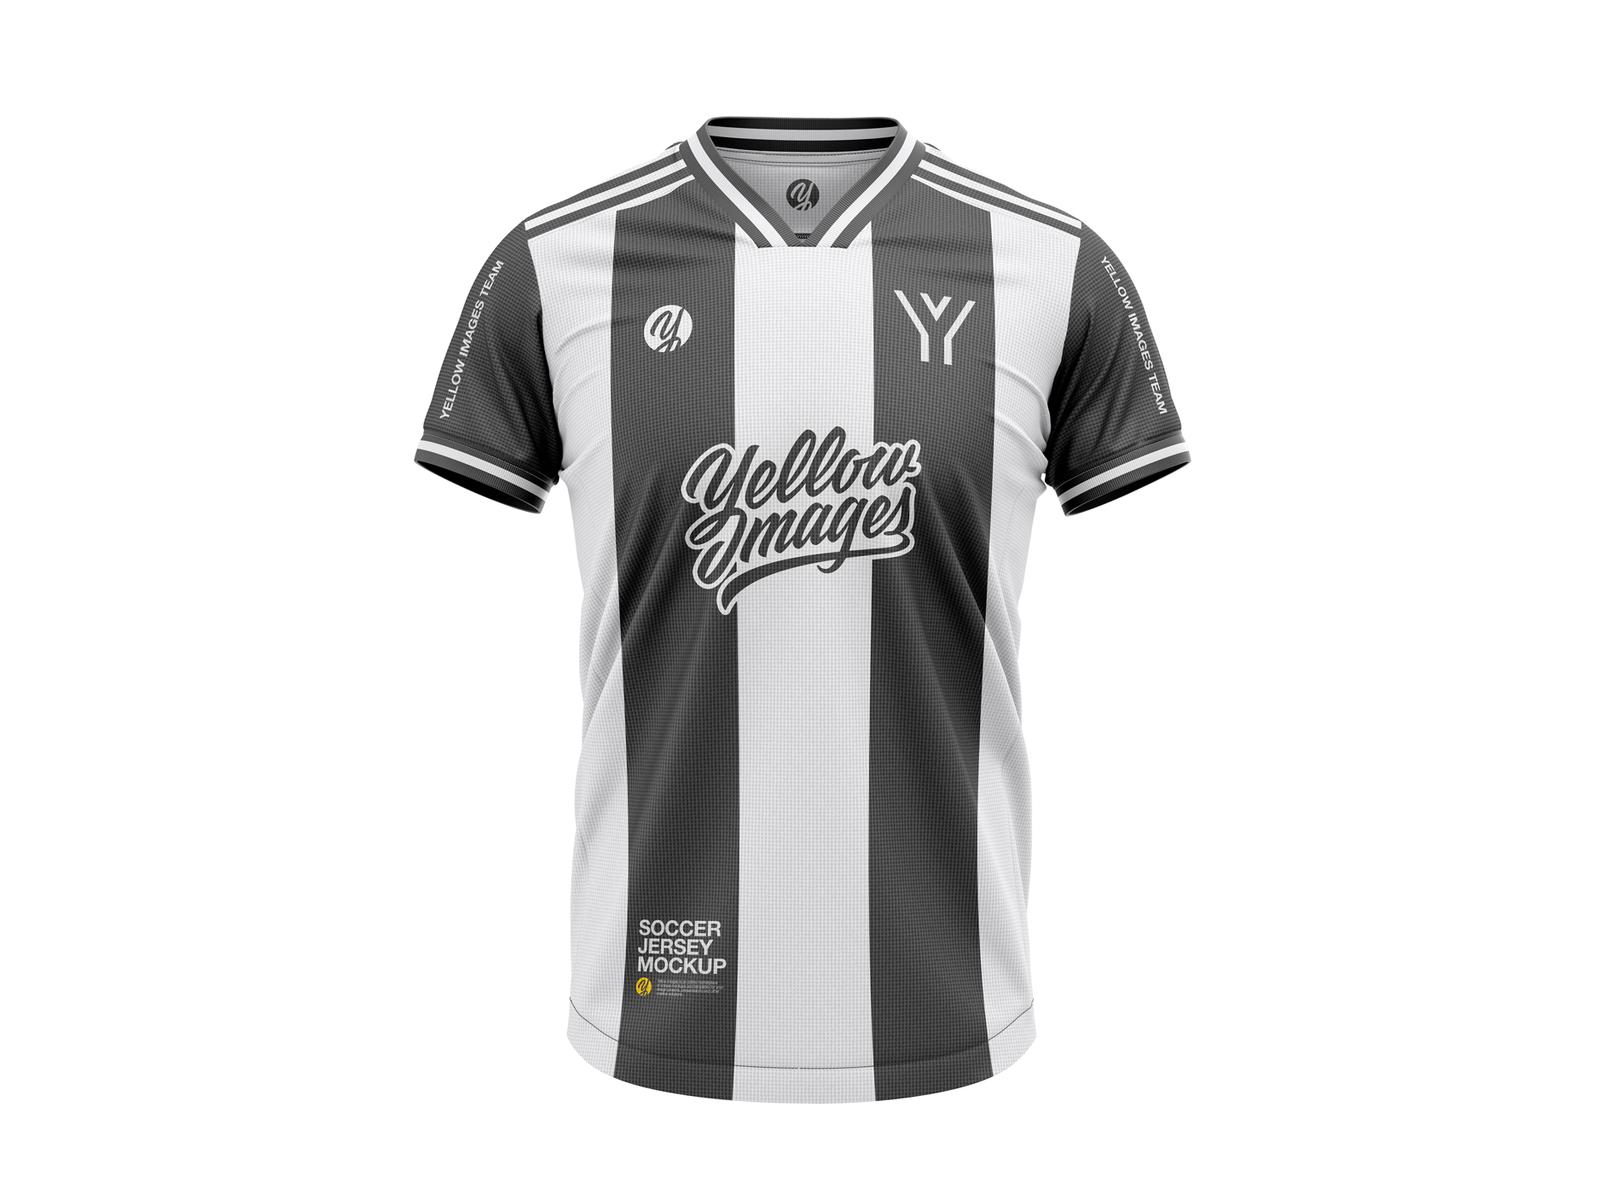 Men s Soccer V-Neck Jersey Mockup - 2018 – 2019 season soccer jersey mockup  jersey dc6609851